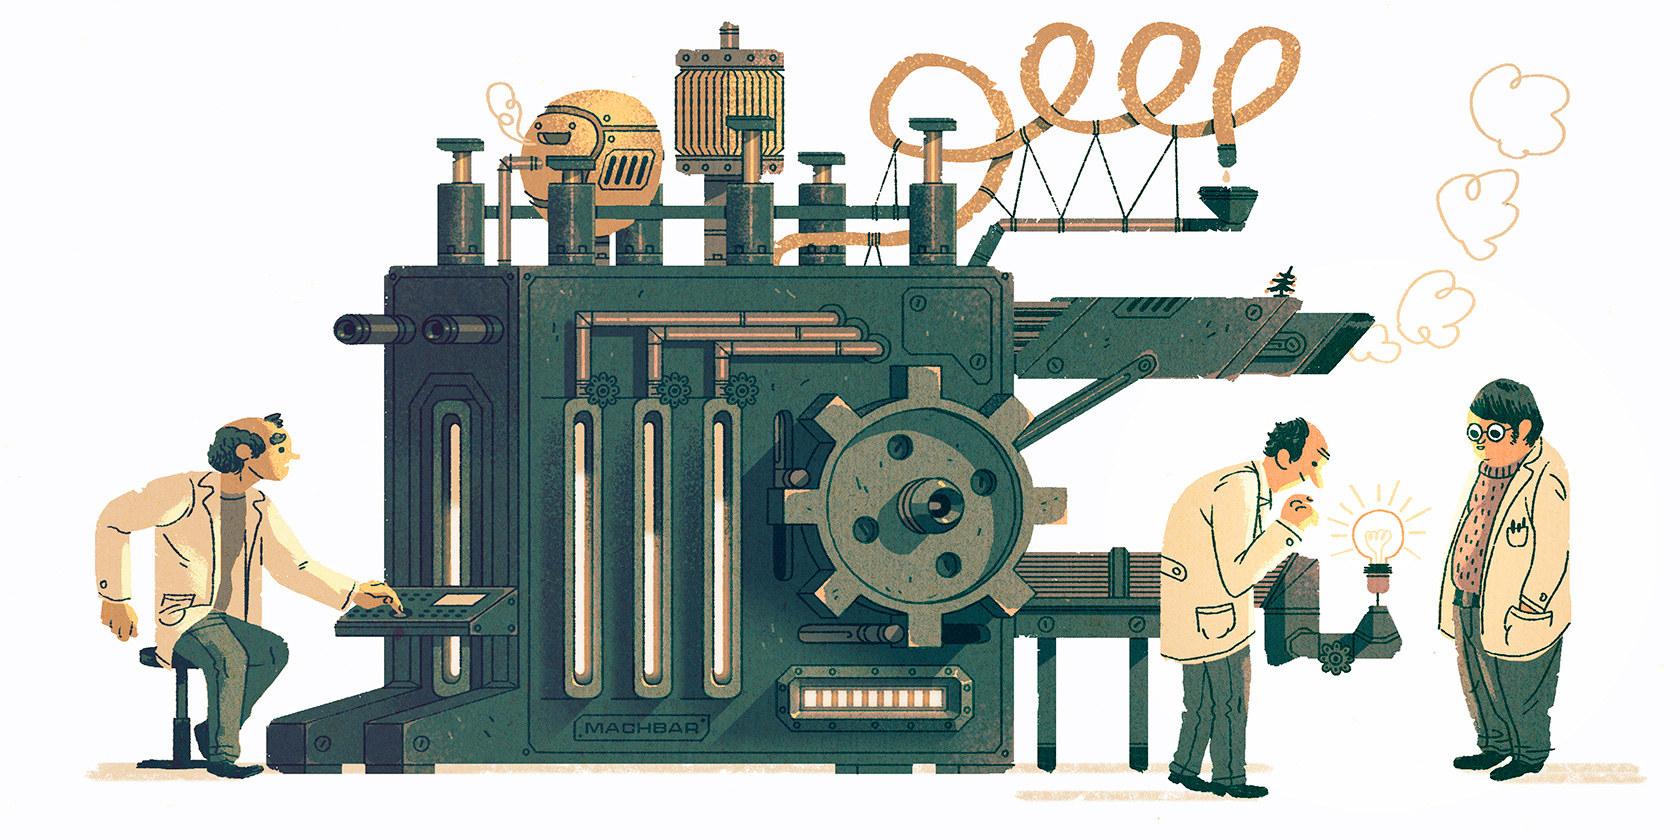 چطور به یک ماشین ایدهپردازی و خلاقیت تبدیل شویم؟